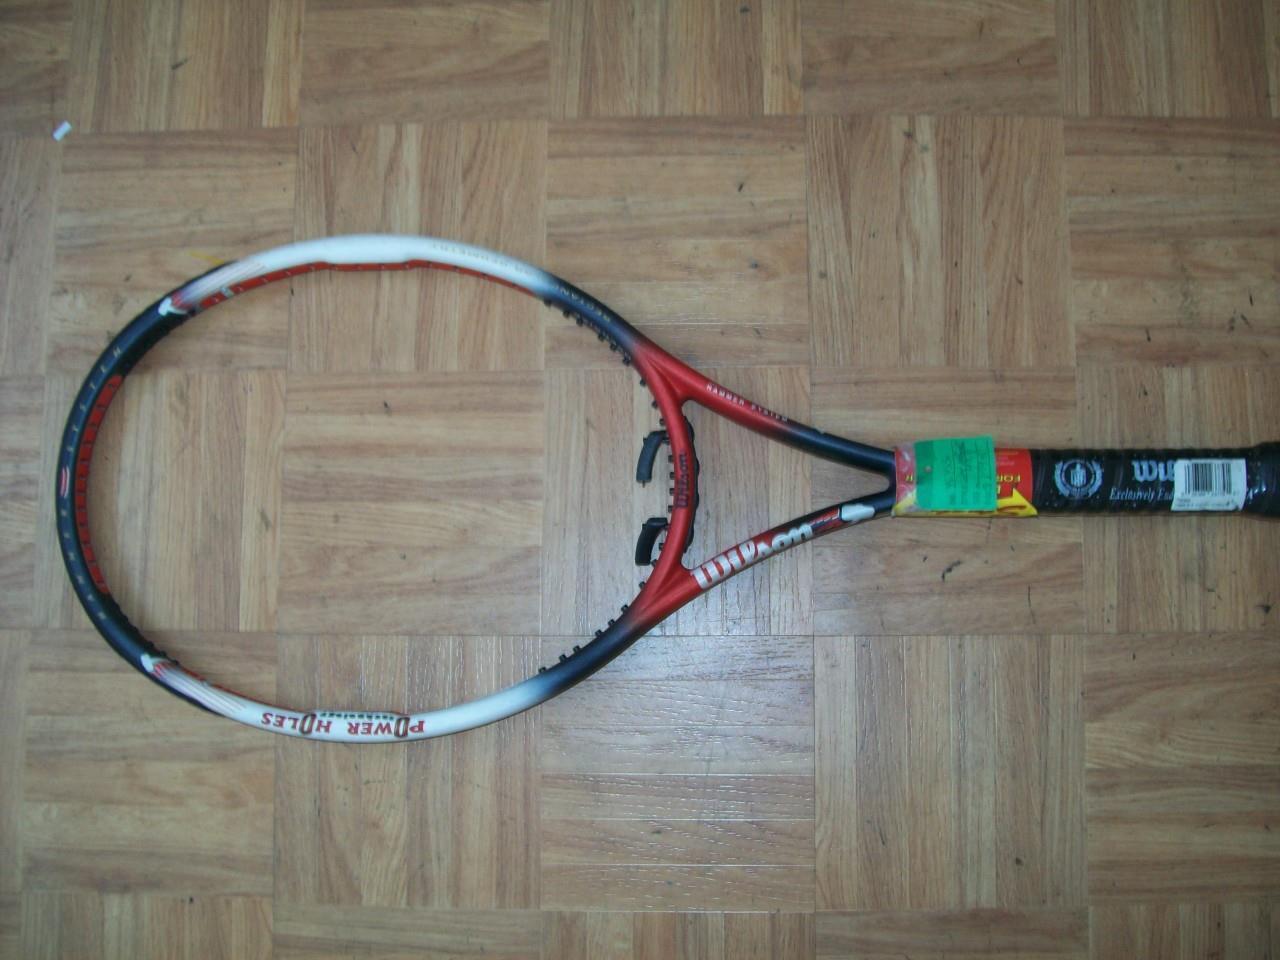 Nuevo Martillo 6.4 Wilson Original Power agujeros Stretch 110 4  1 4 Grip Tenis Raqueta  promociones de descuento